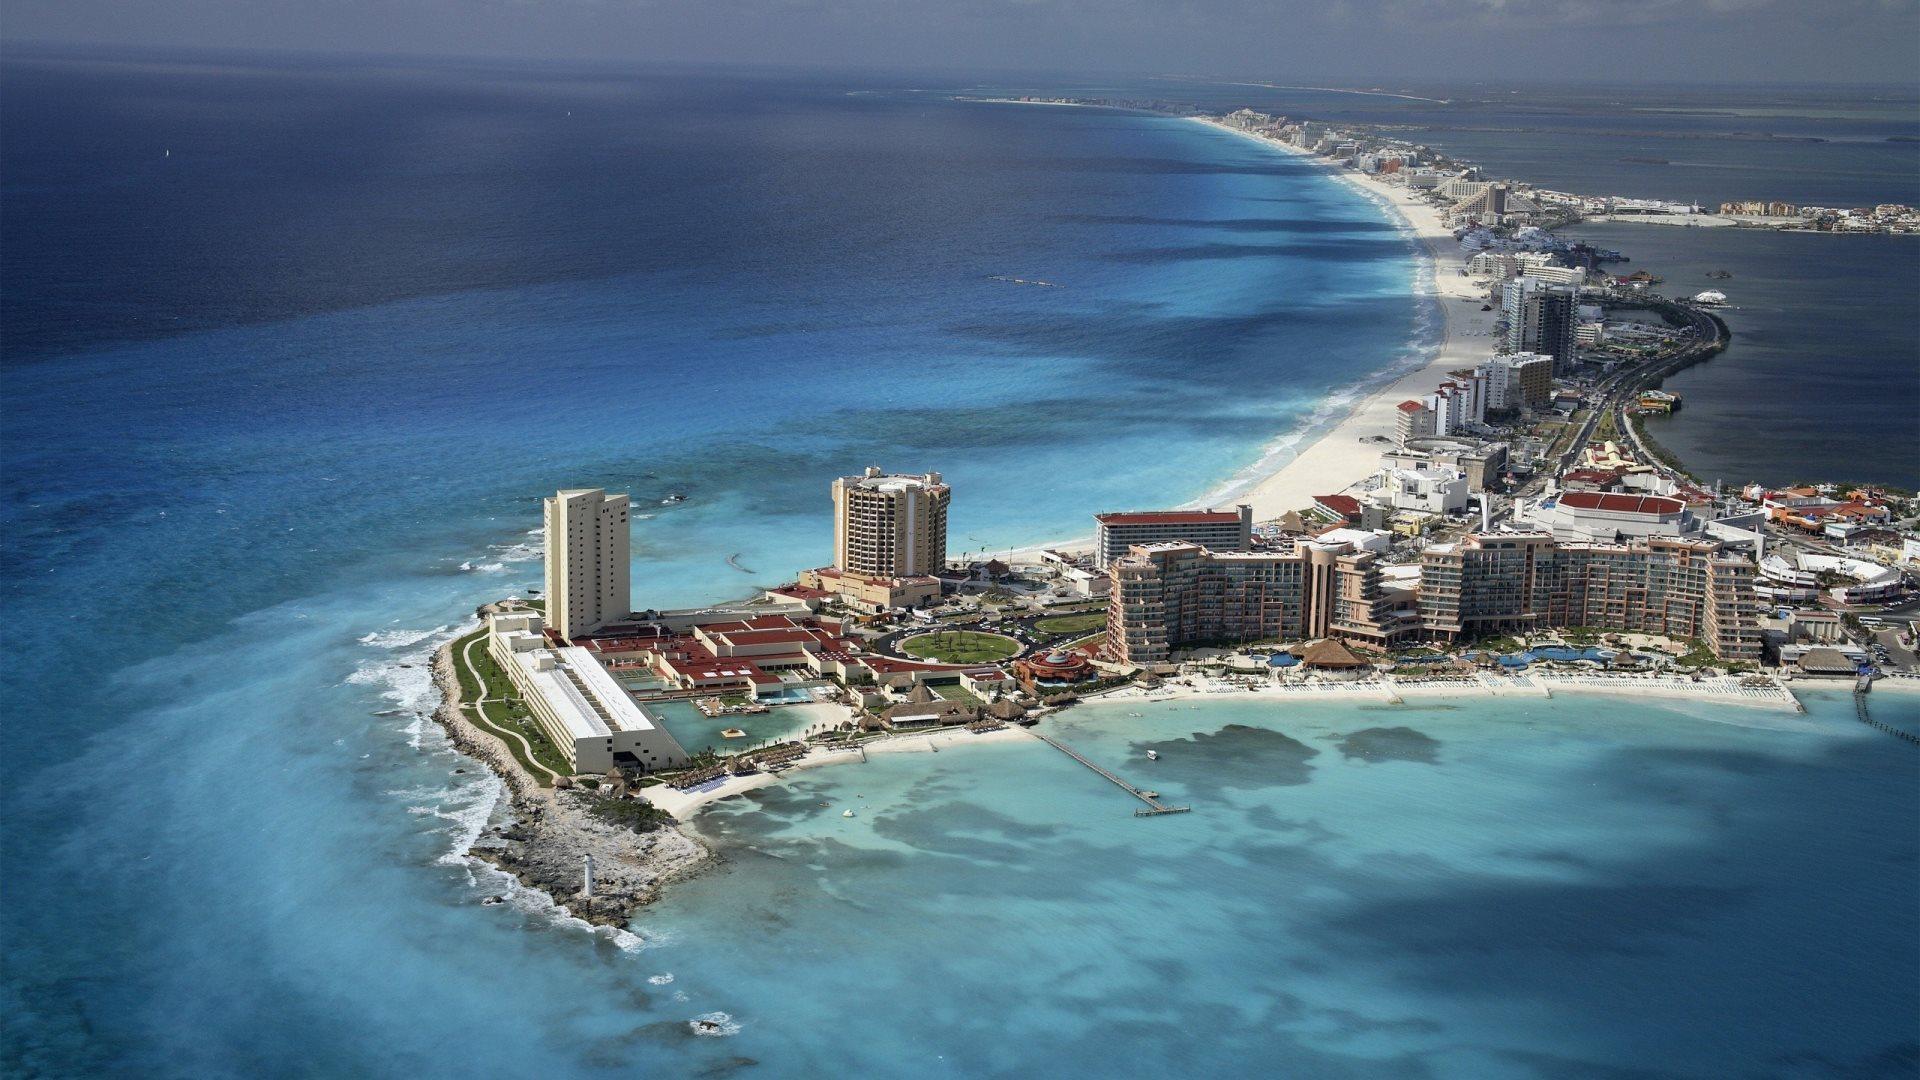 Cancun Mexico Beach City - [1920 x 1080]